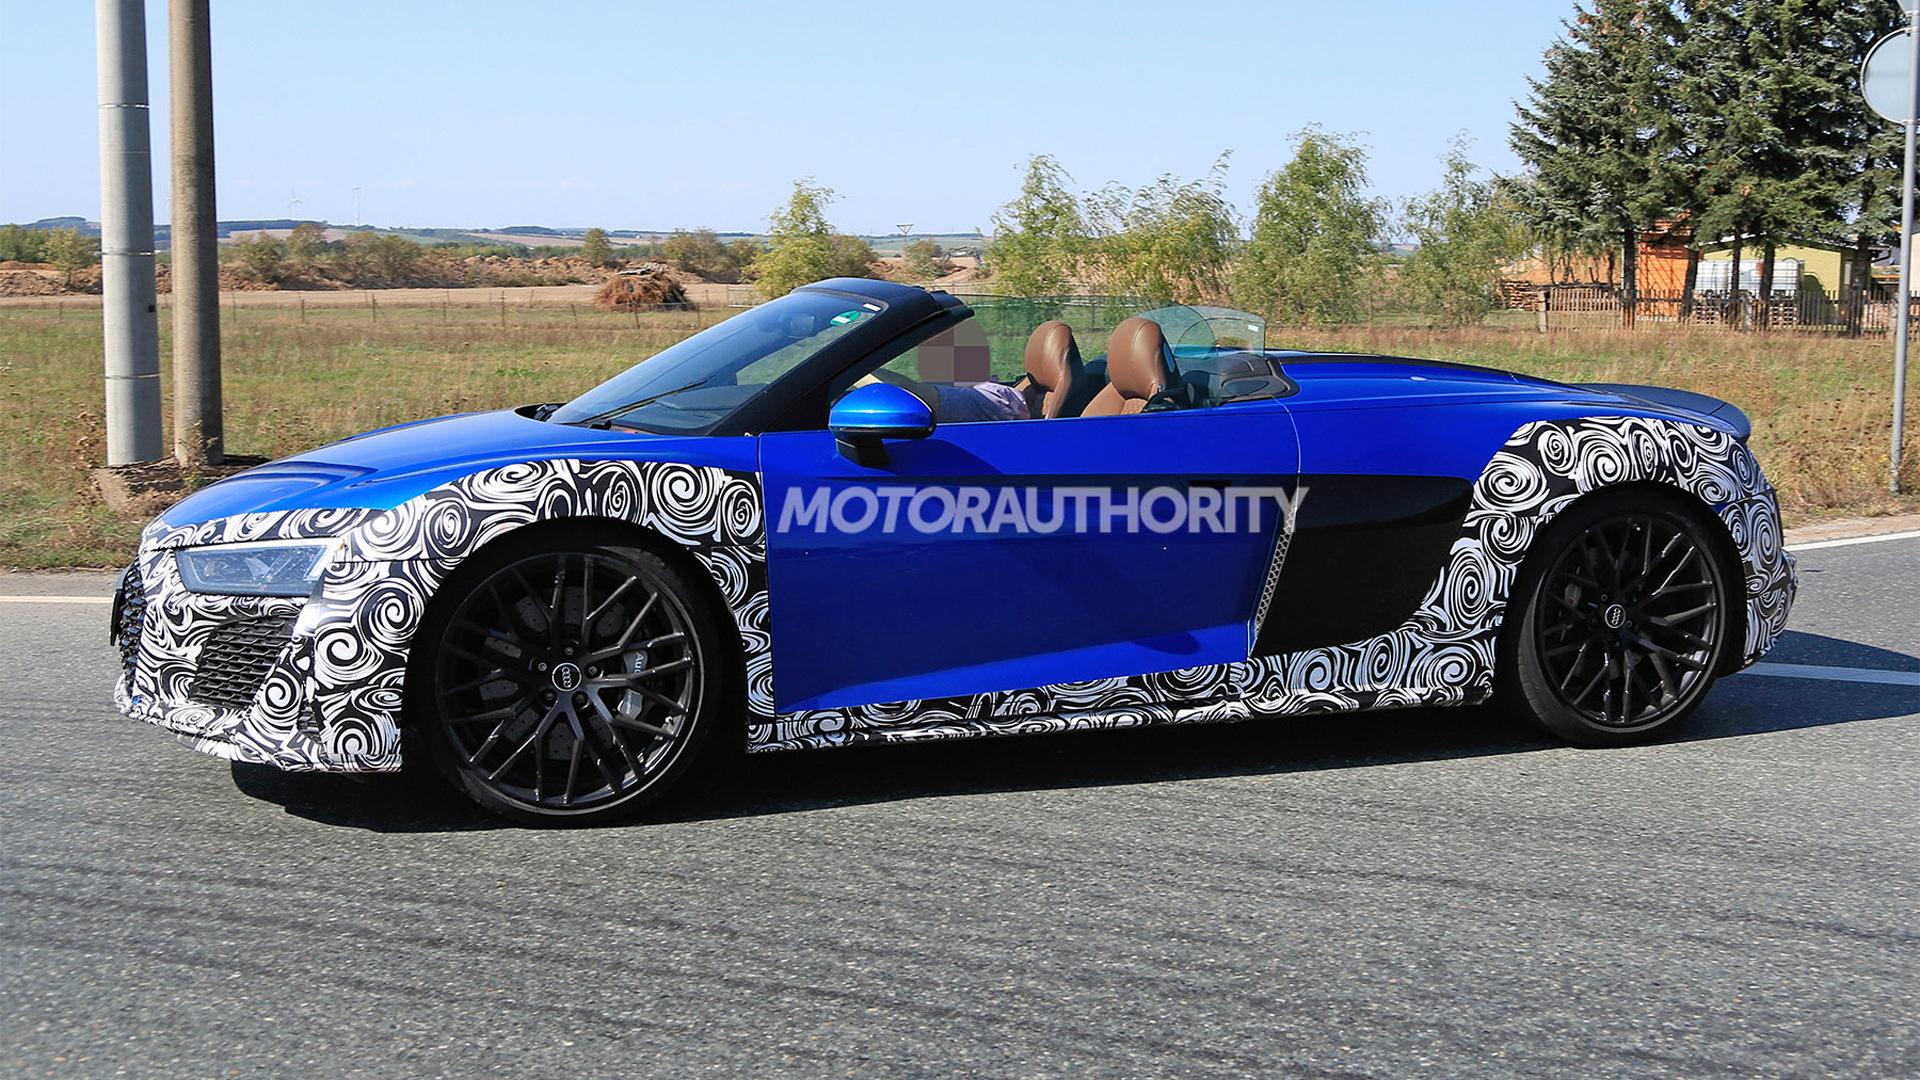 2020 Audi R8 Spyder facelift spy shots - Image via S. Baldauf/SB-Medien